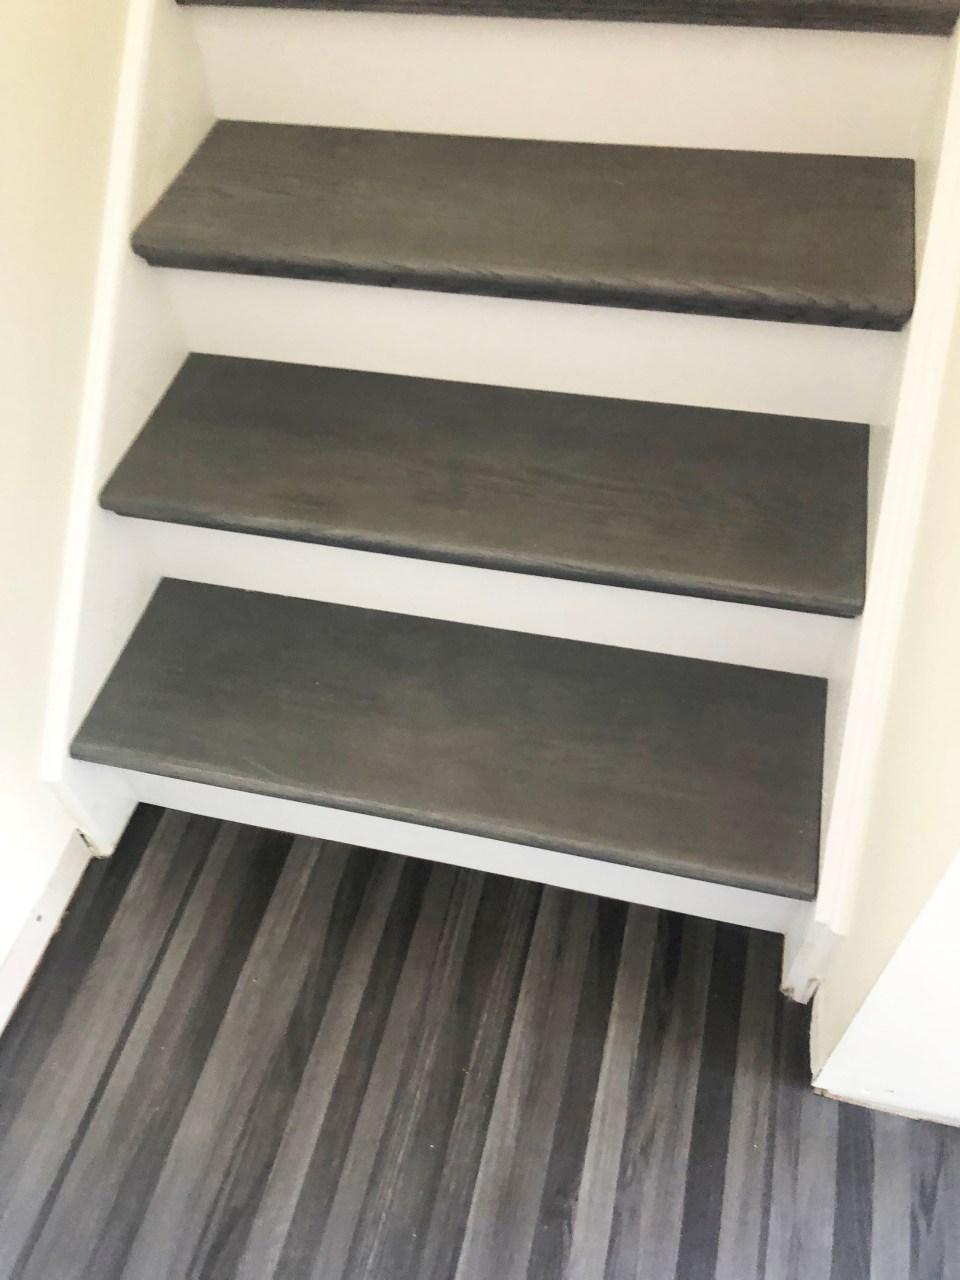 Foyer - Stairs Update 15